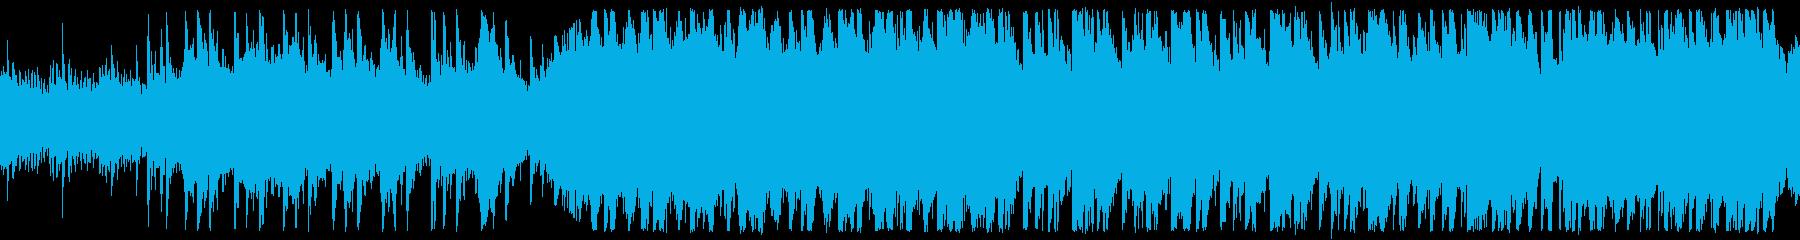 古い館ポルターガイストホラー ループ仕様の再生済みの波形